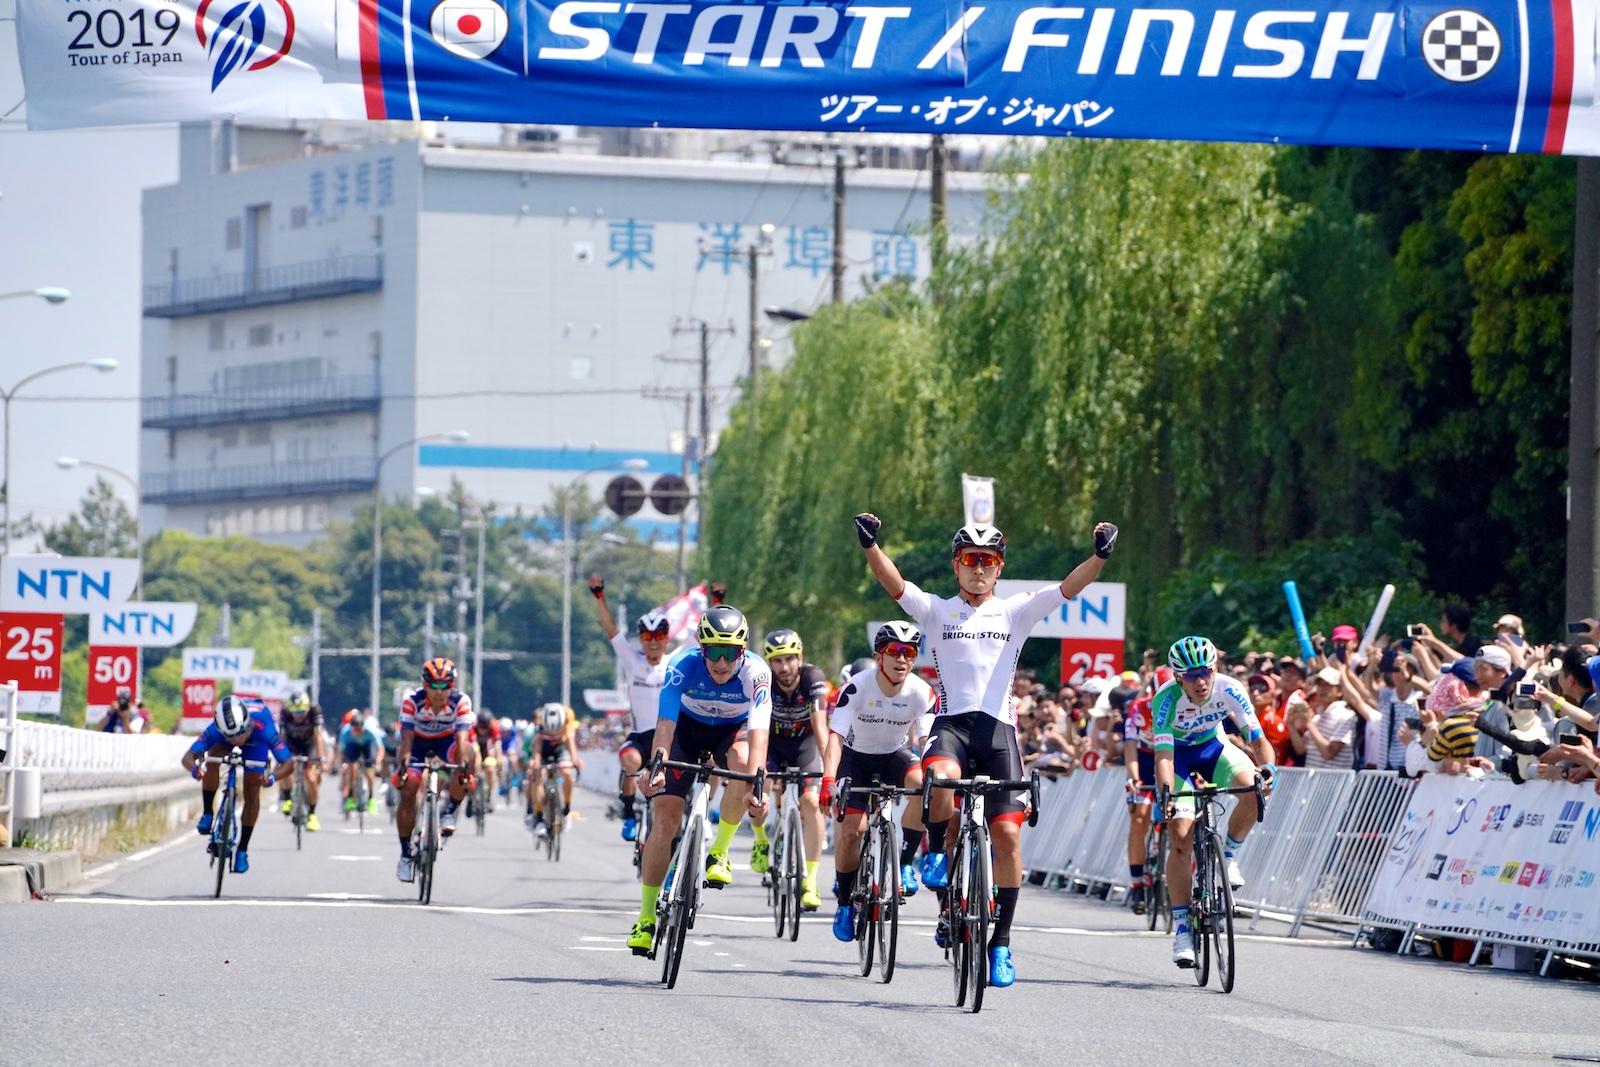 【TOJ2019】最終・東京ステージ/窪木を優勝へチームは一つとなって導びいた